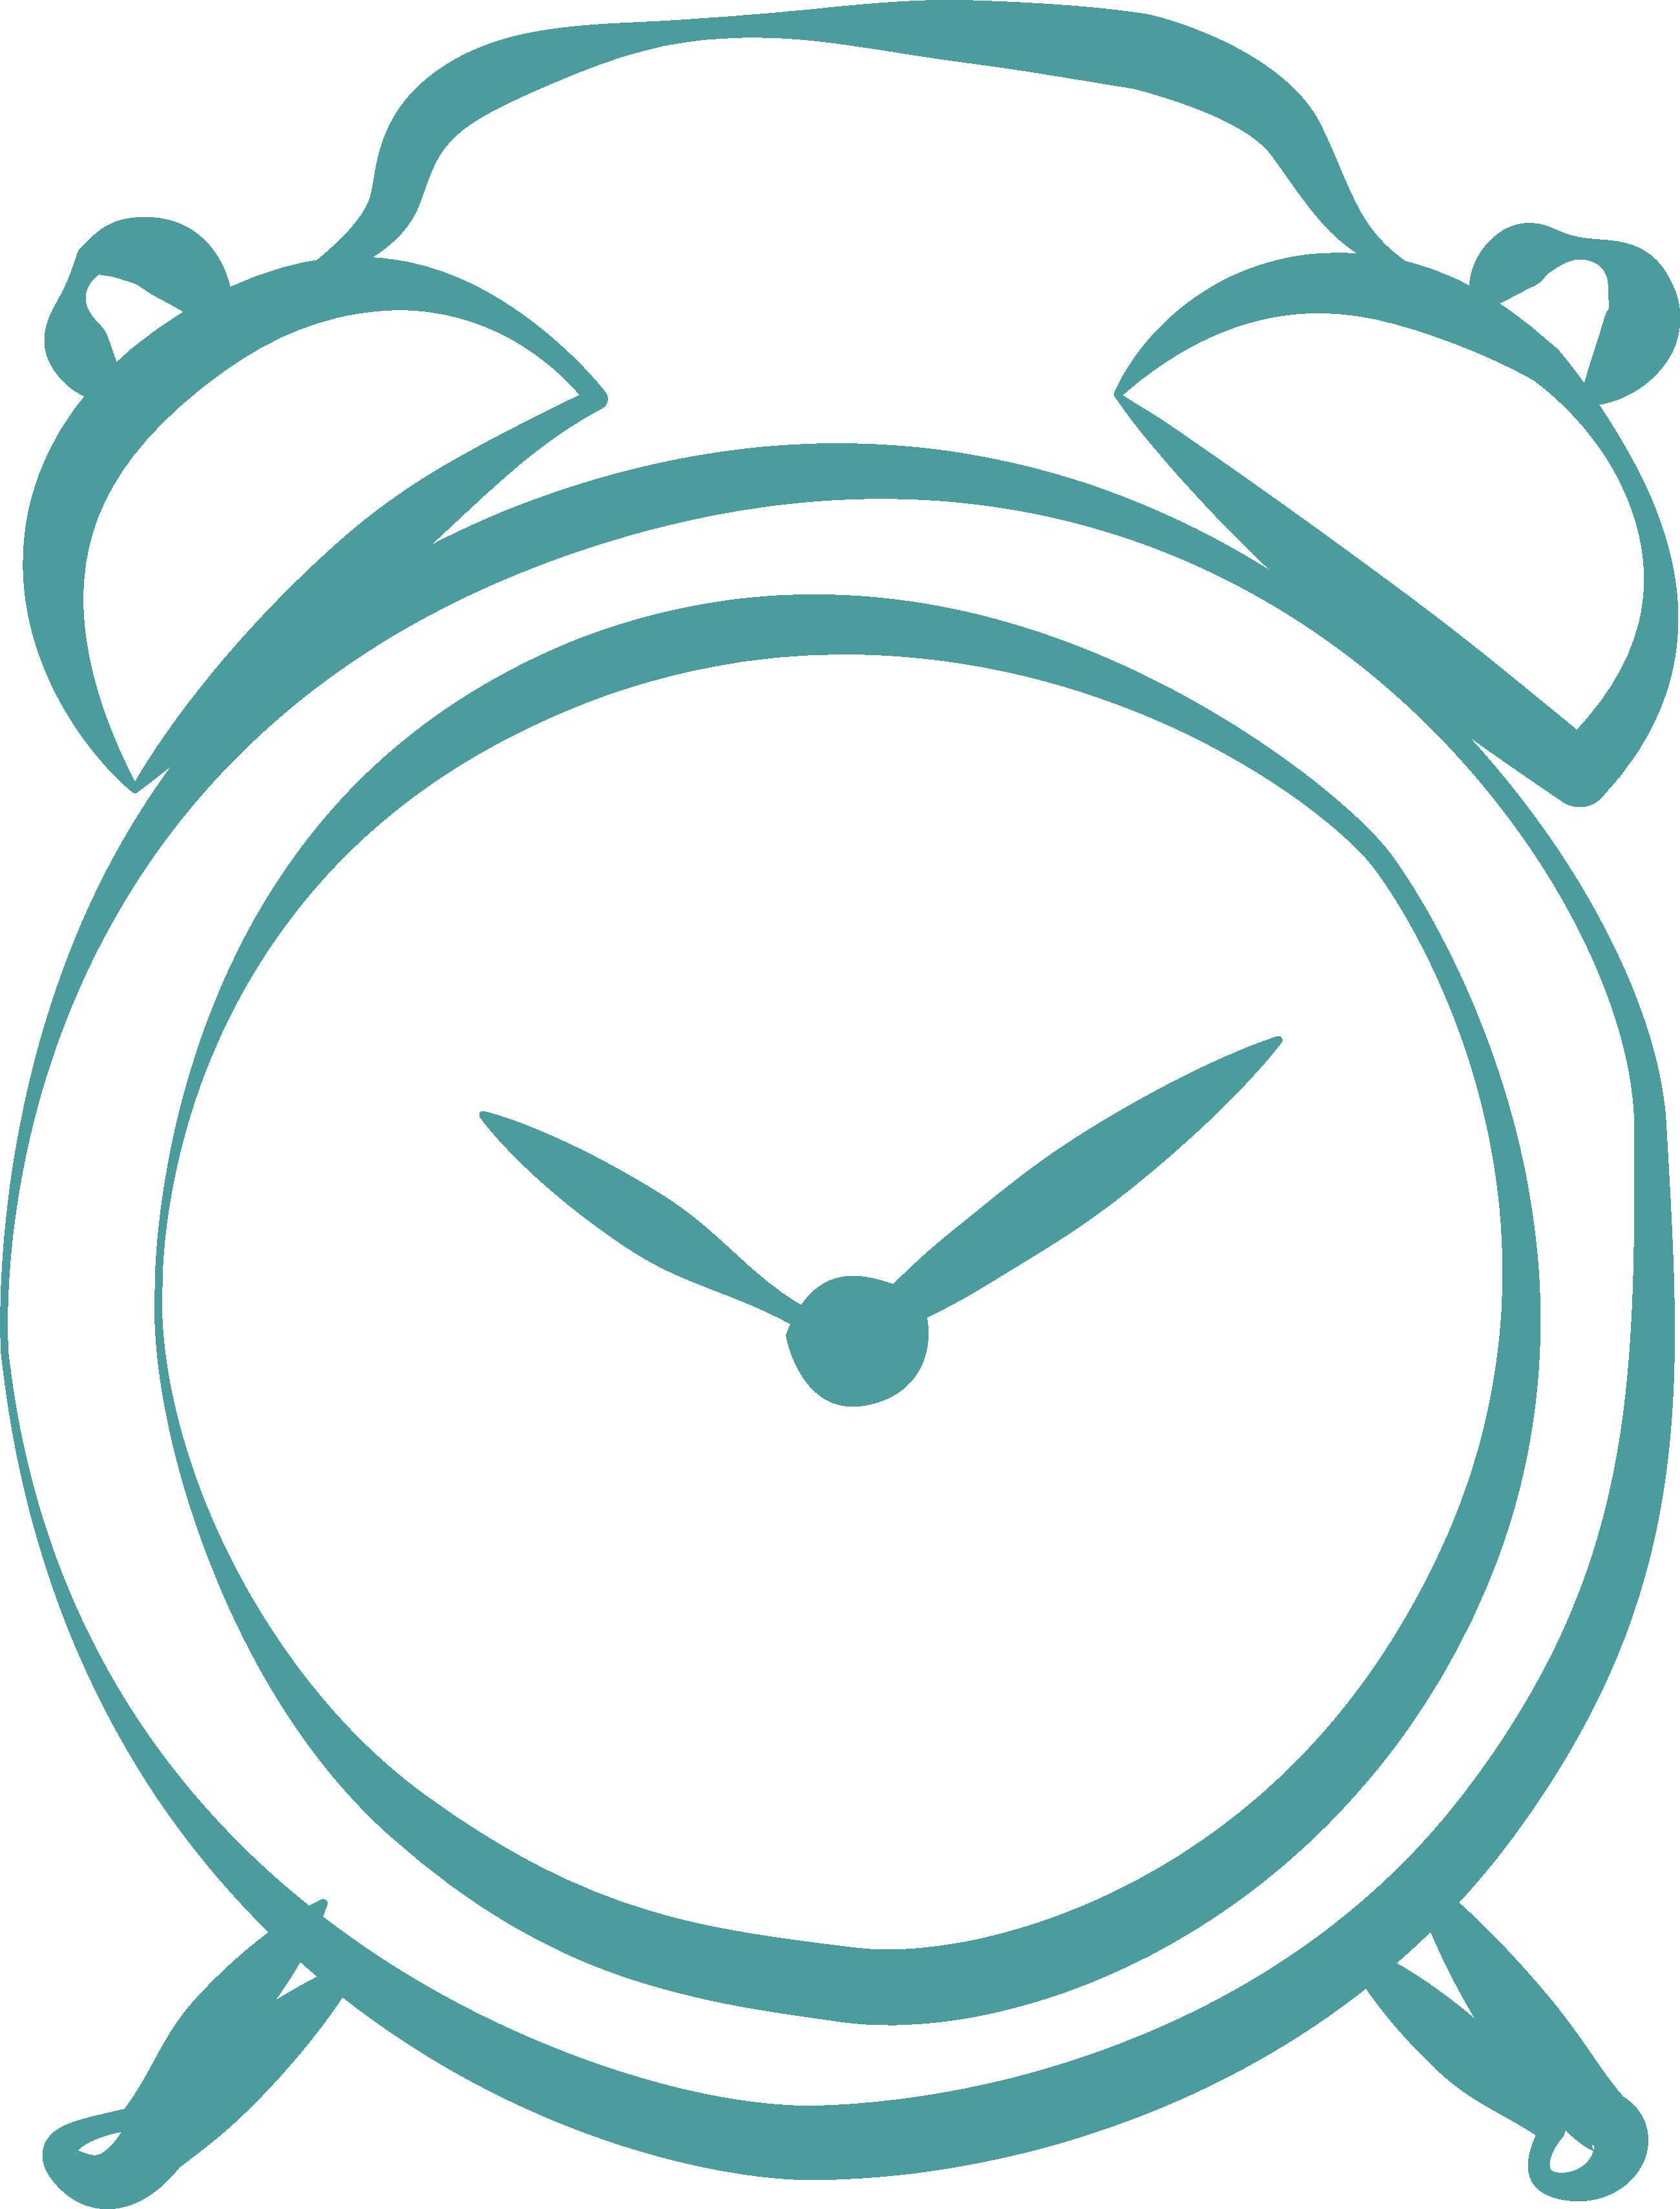 CDVET horario de atendimento